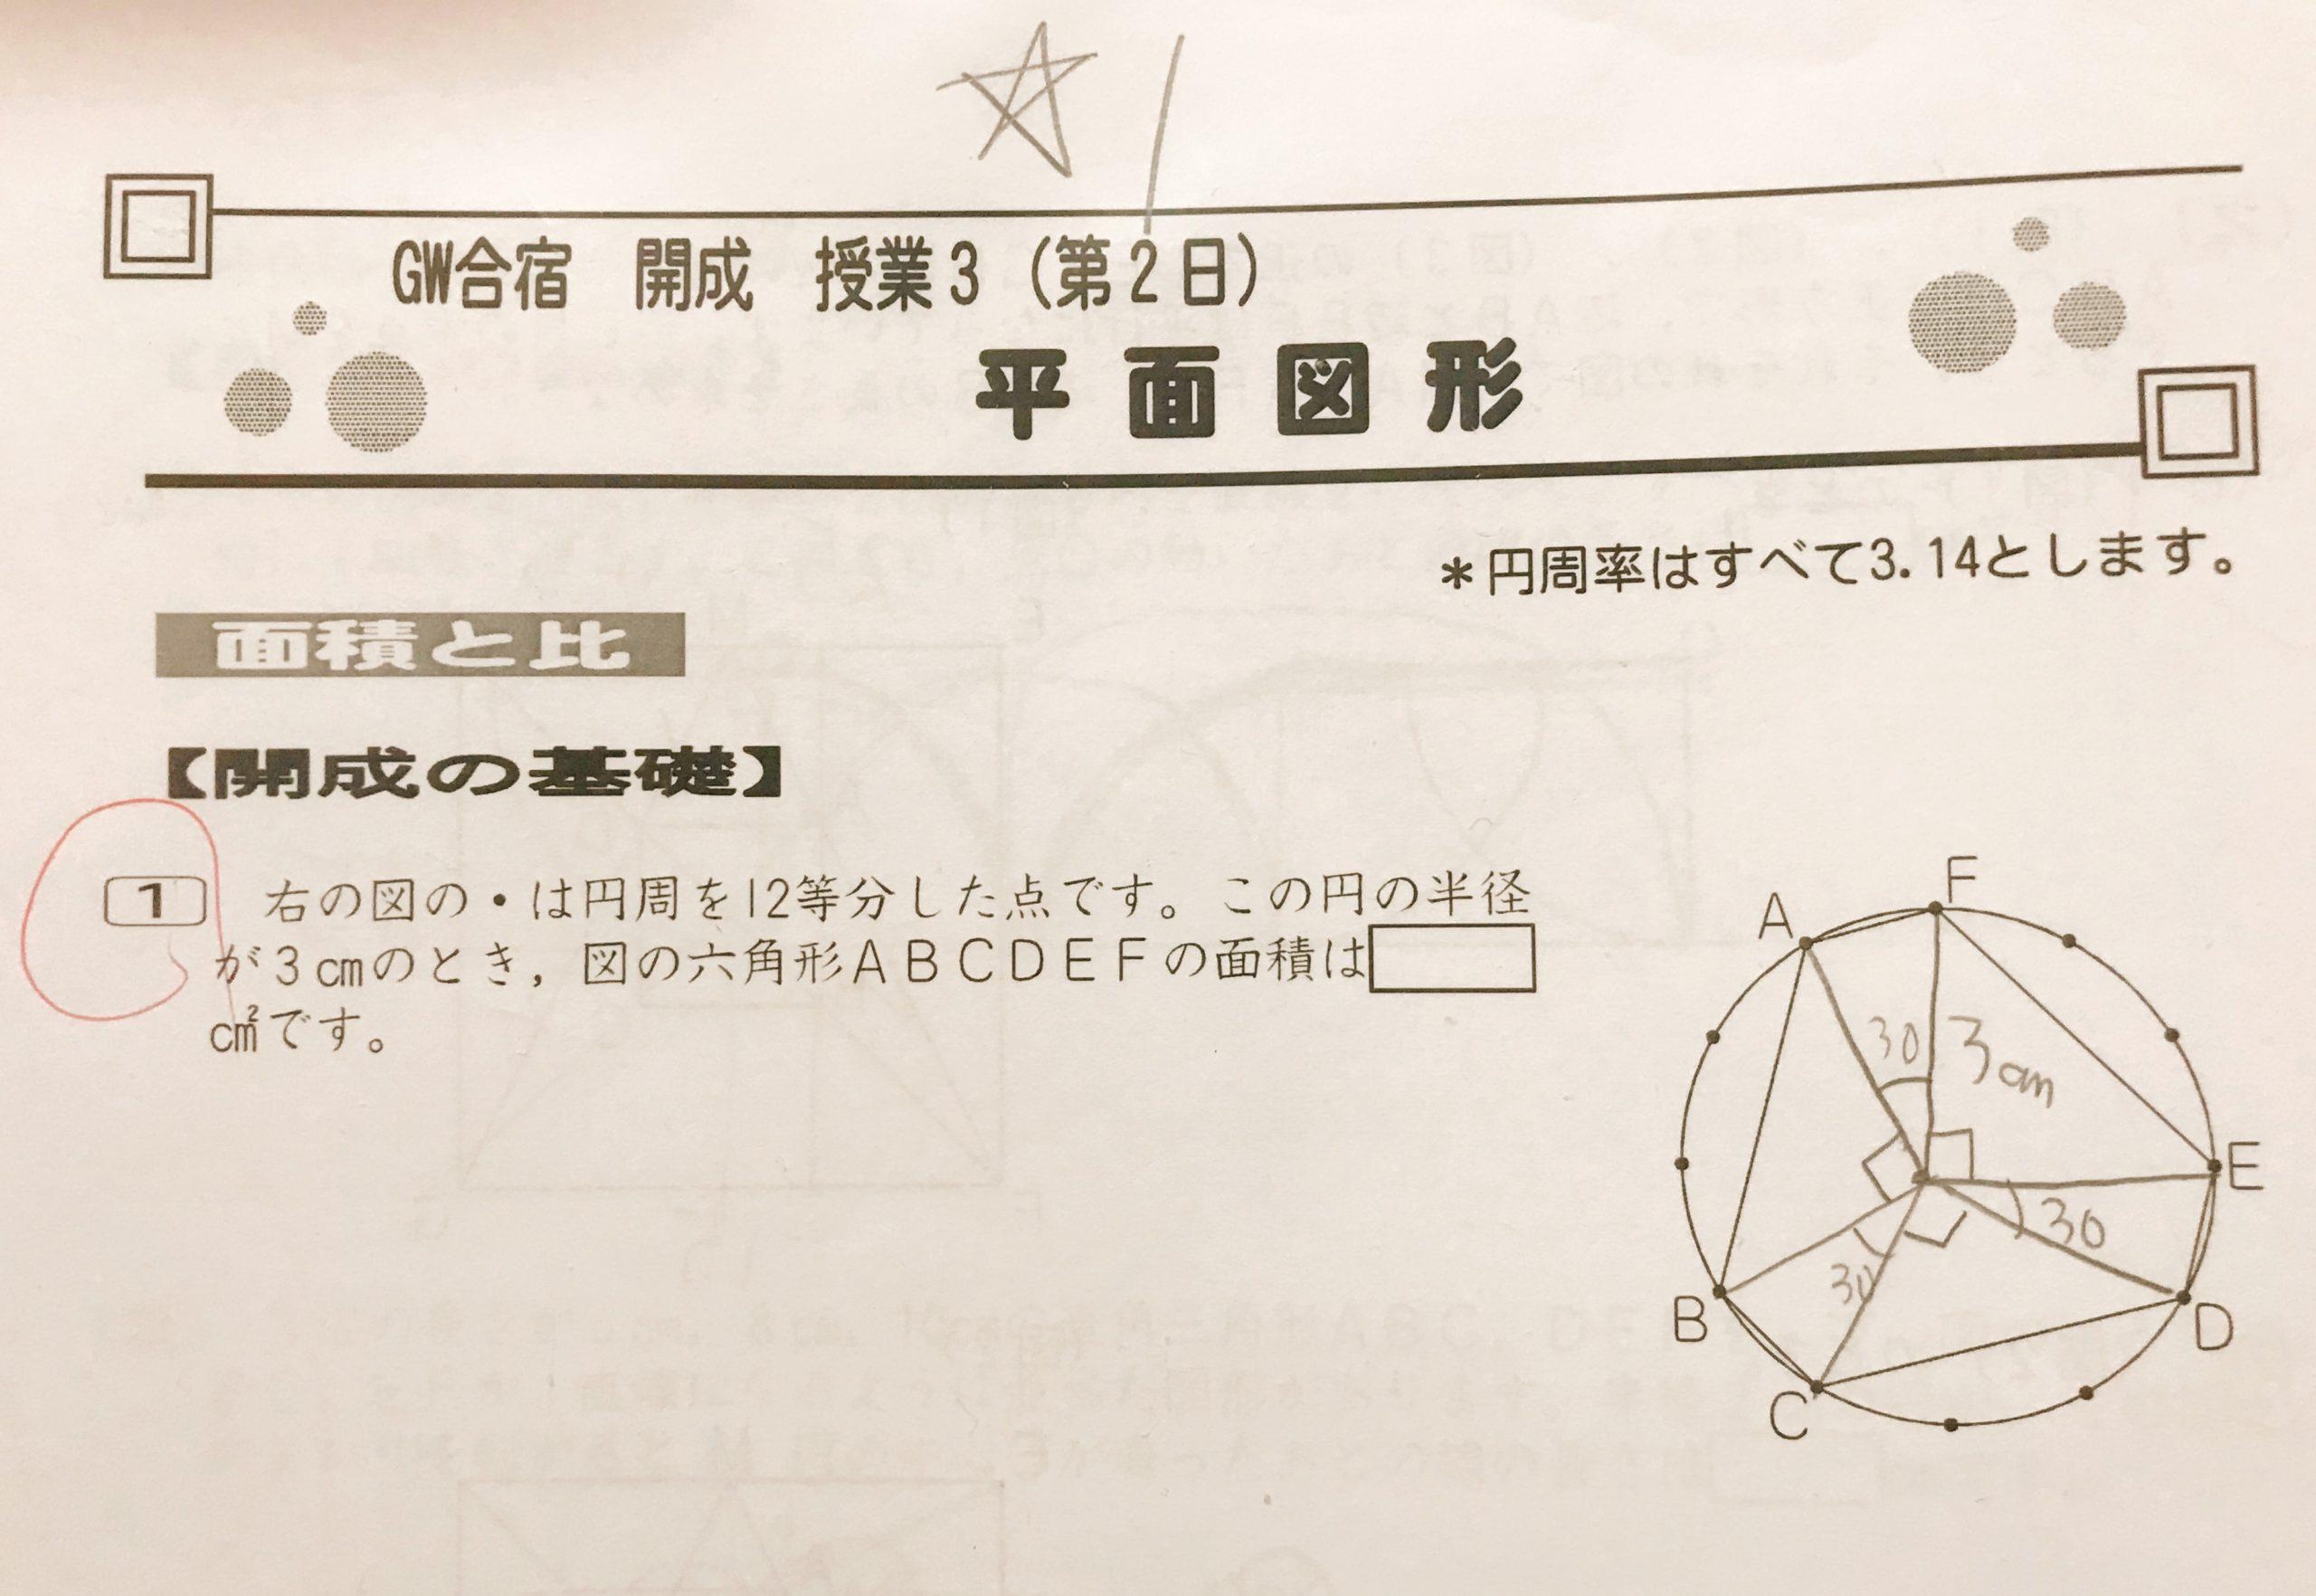 四谷大塚 GW合宿